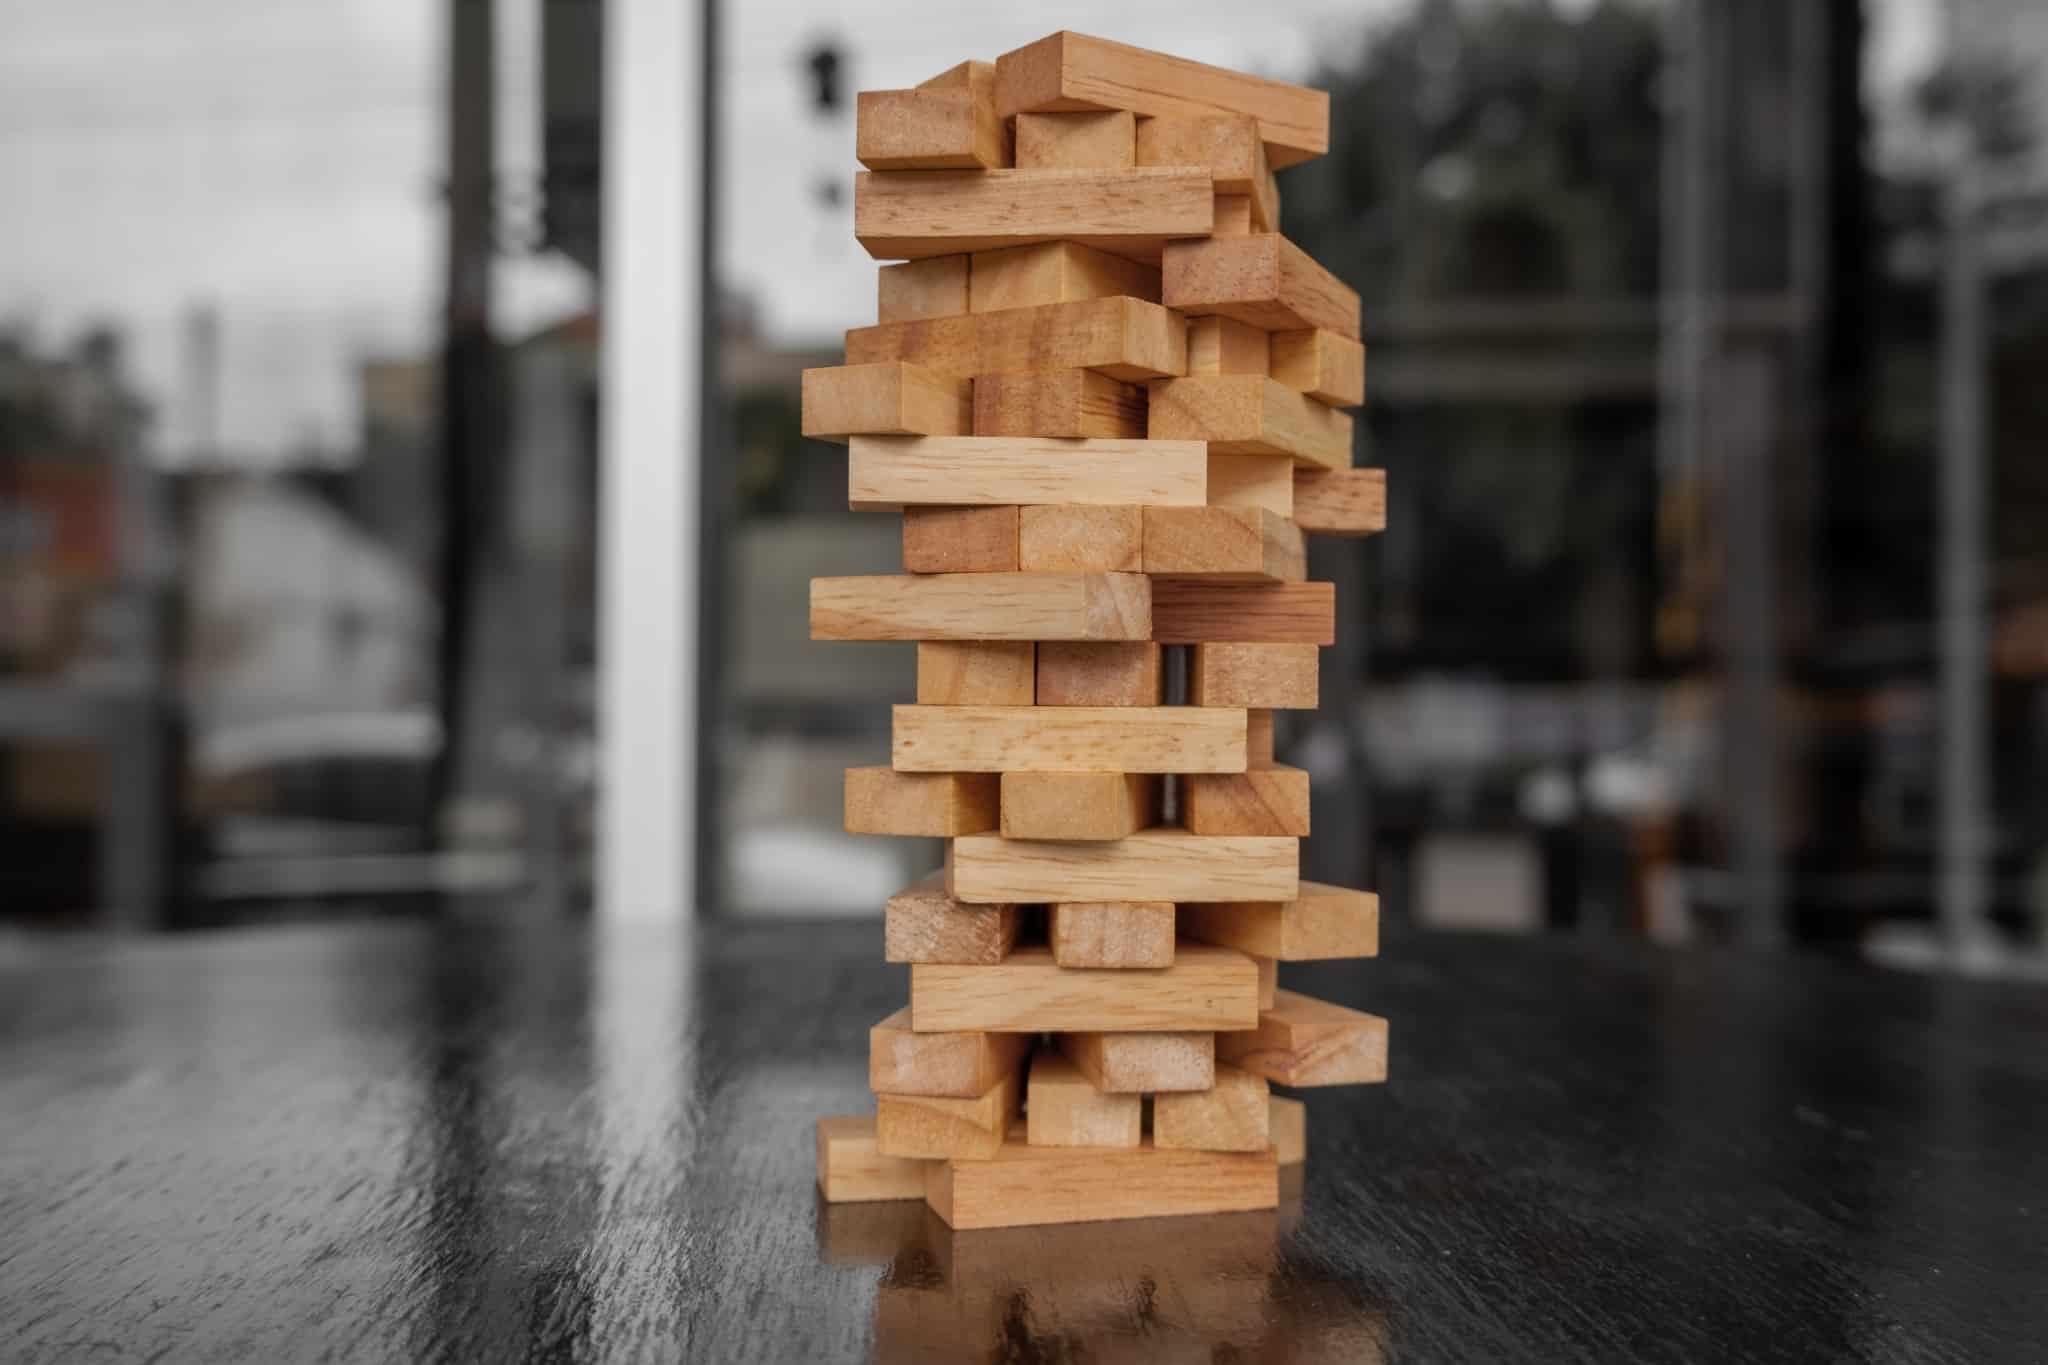 jogo jenga em madeira em cima da mesa